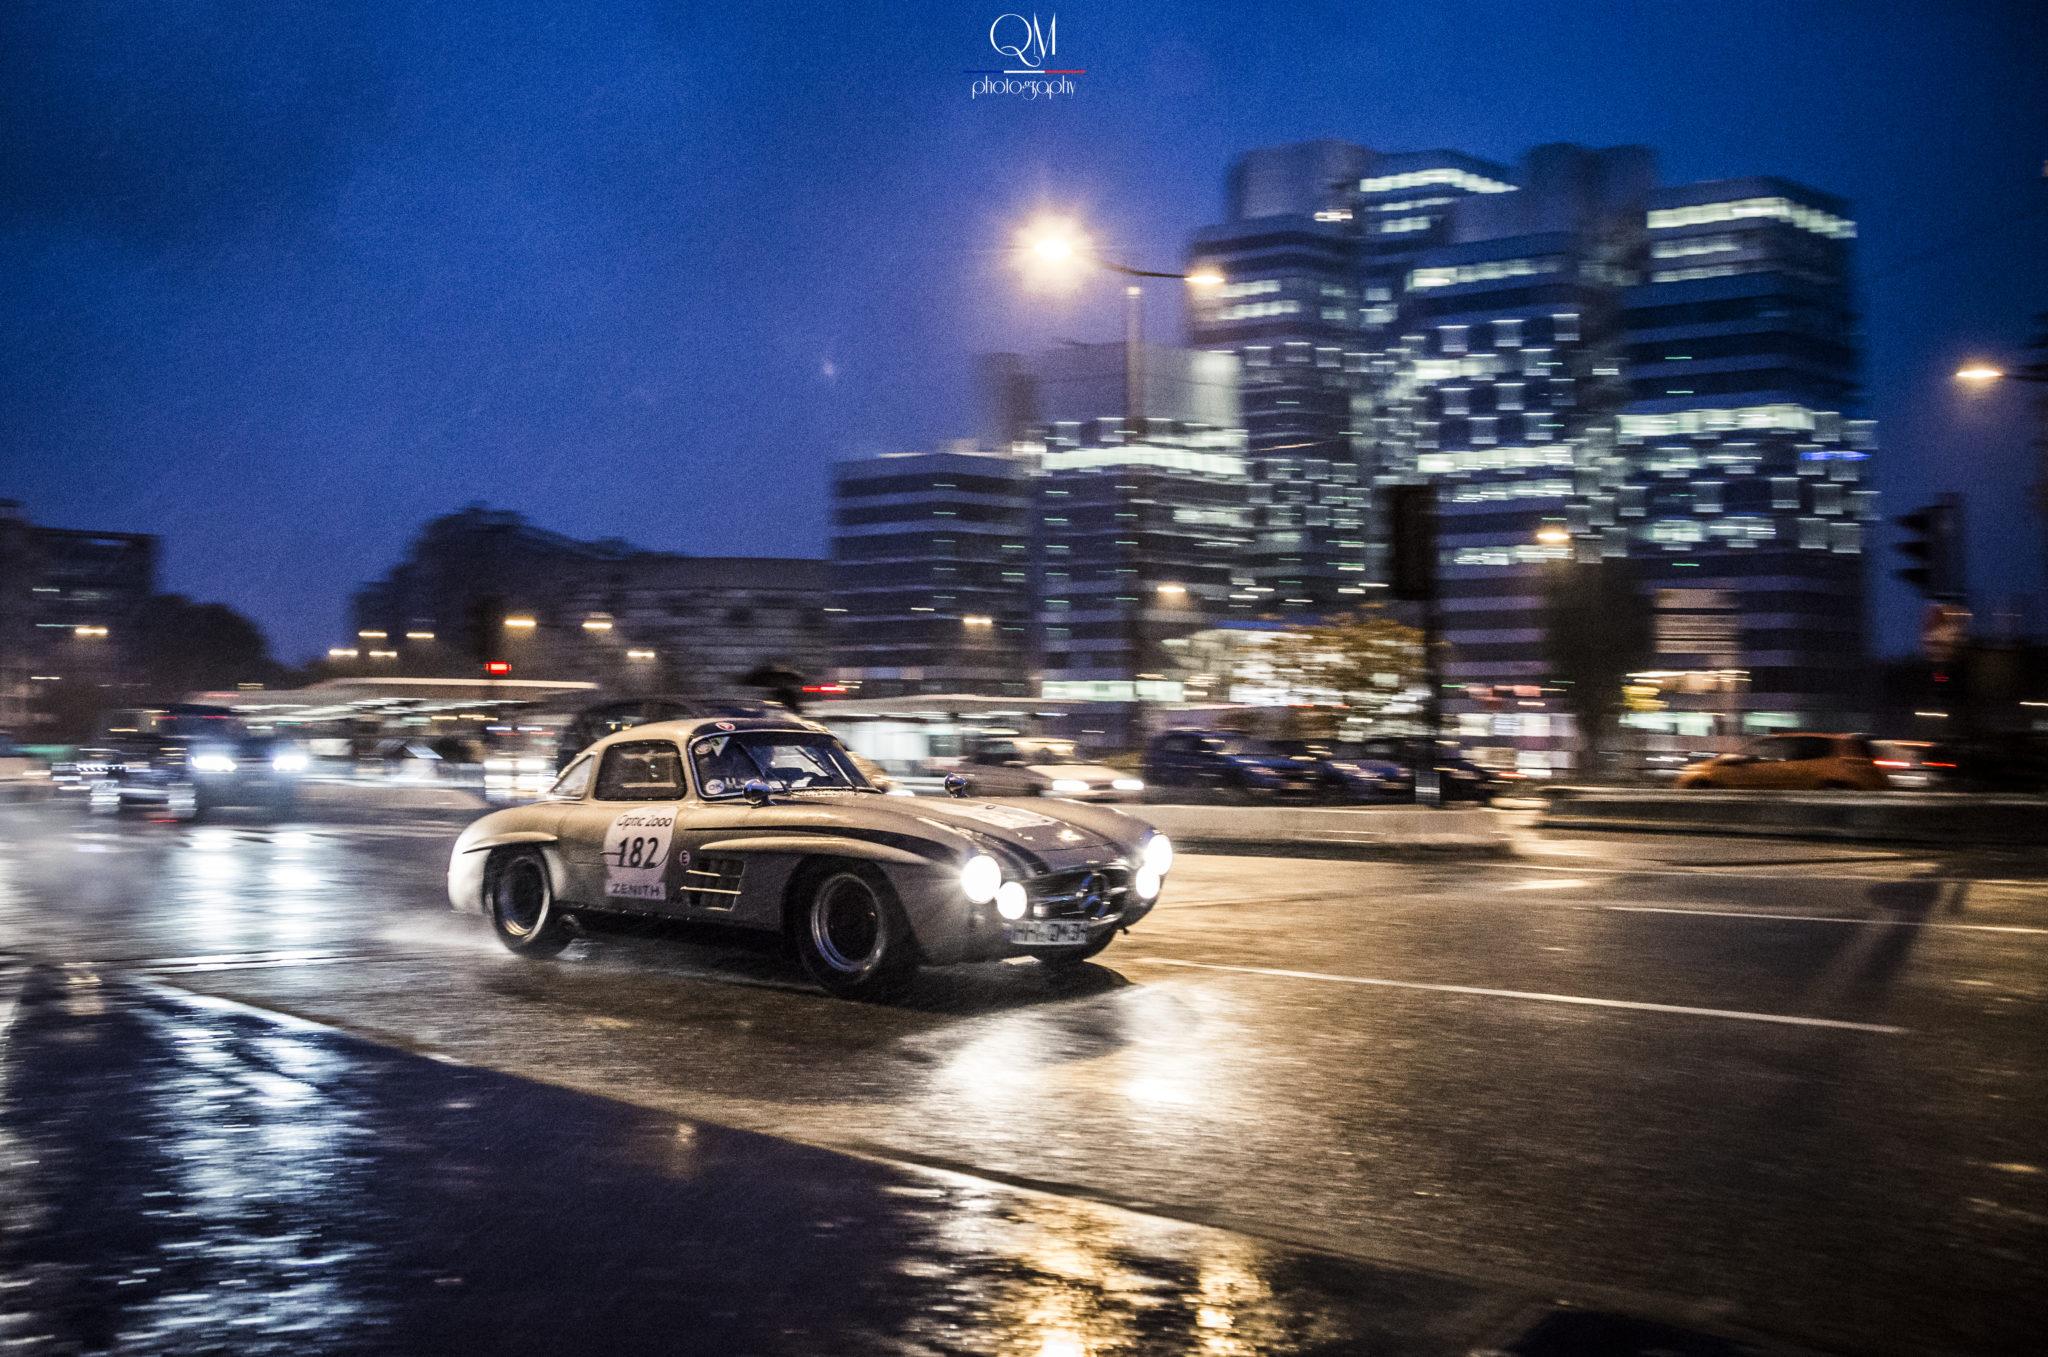 Mercedes-Benz Clásico fotografiado por Q.Martinez